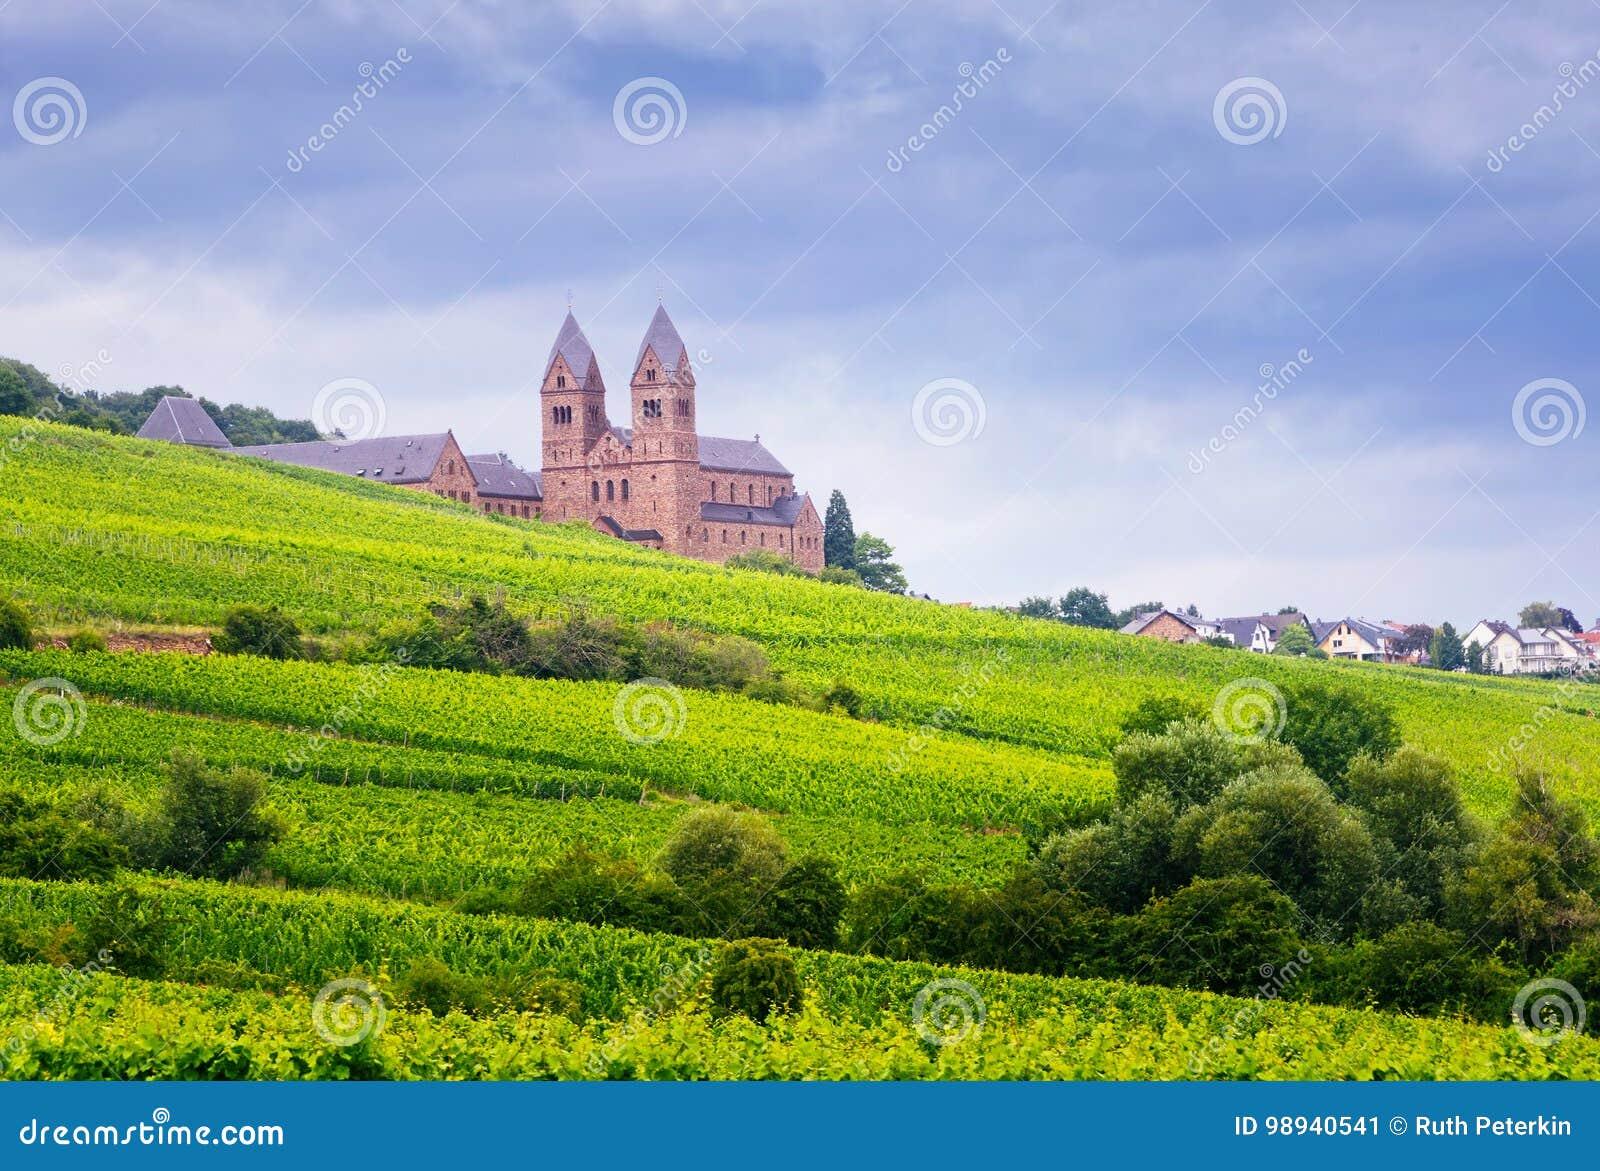 Vineyard of Eibingen Abbey